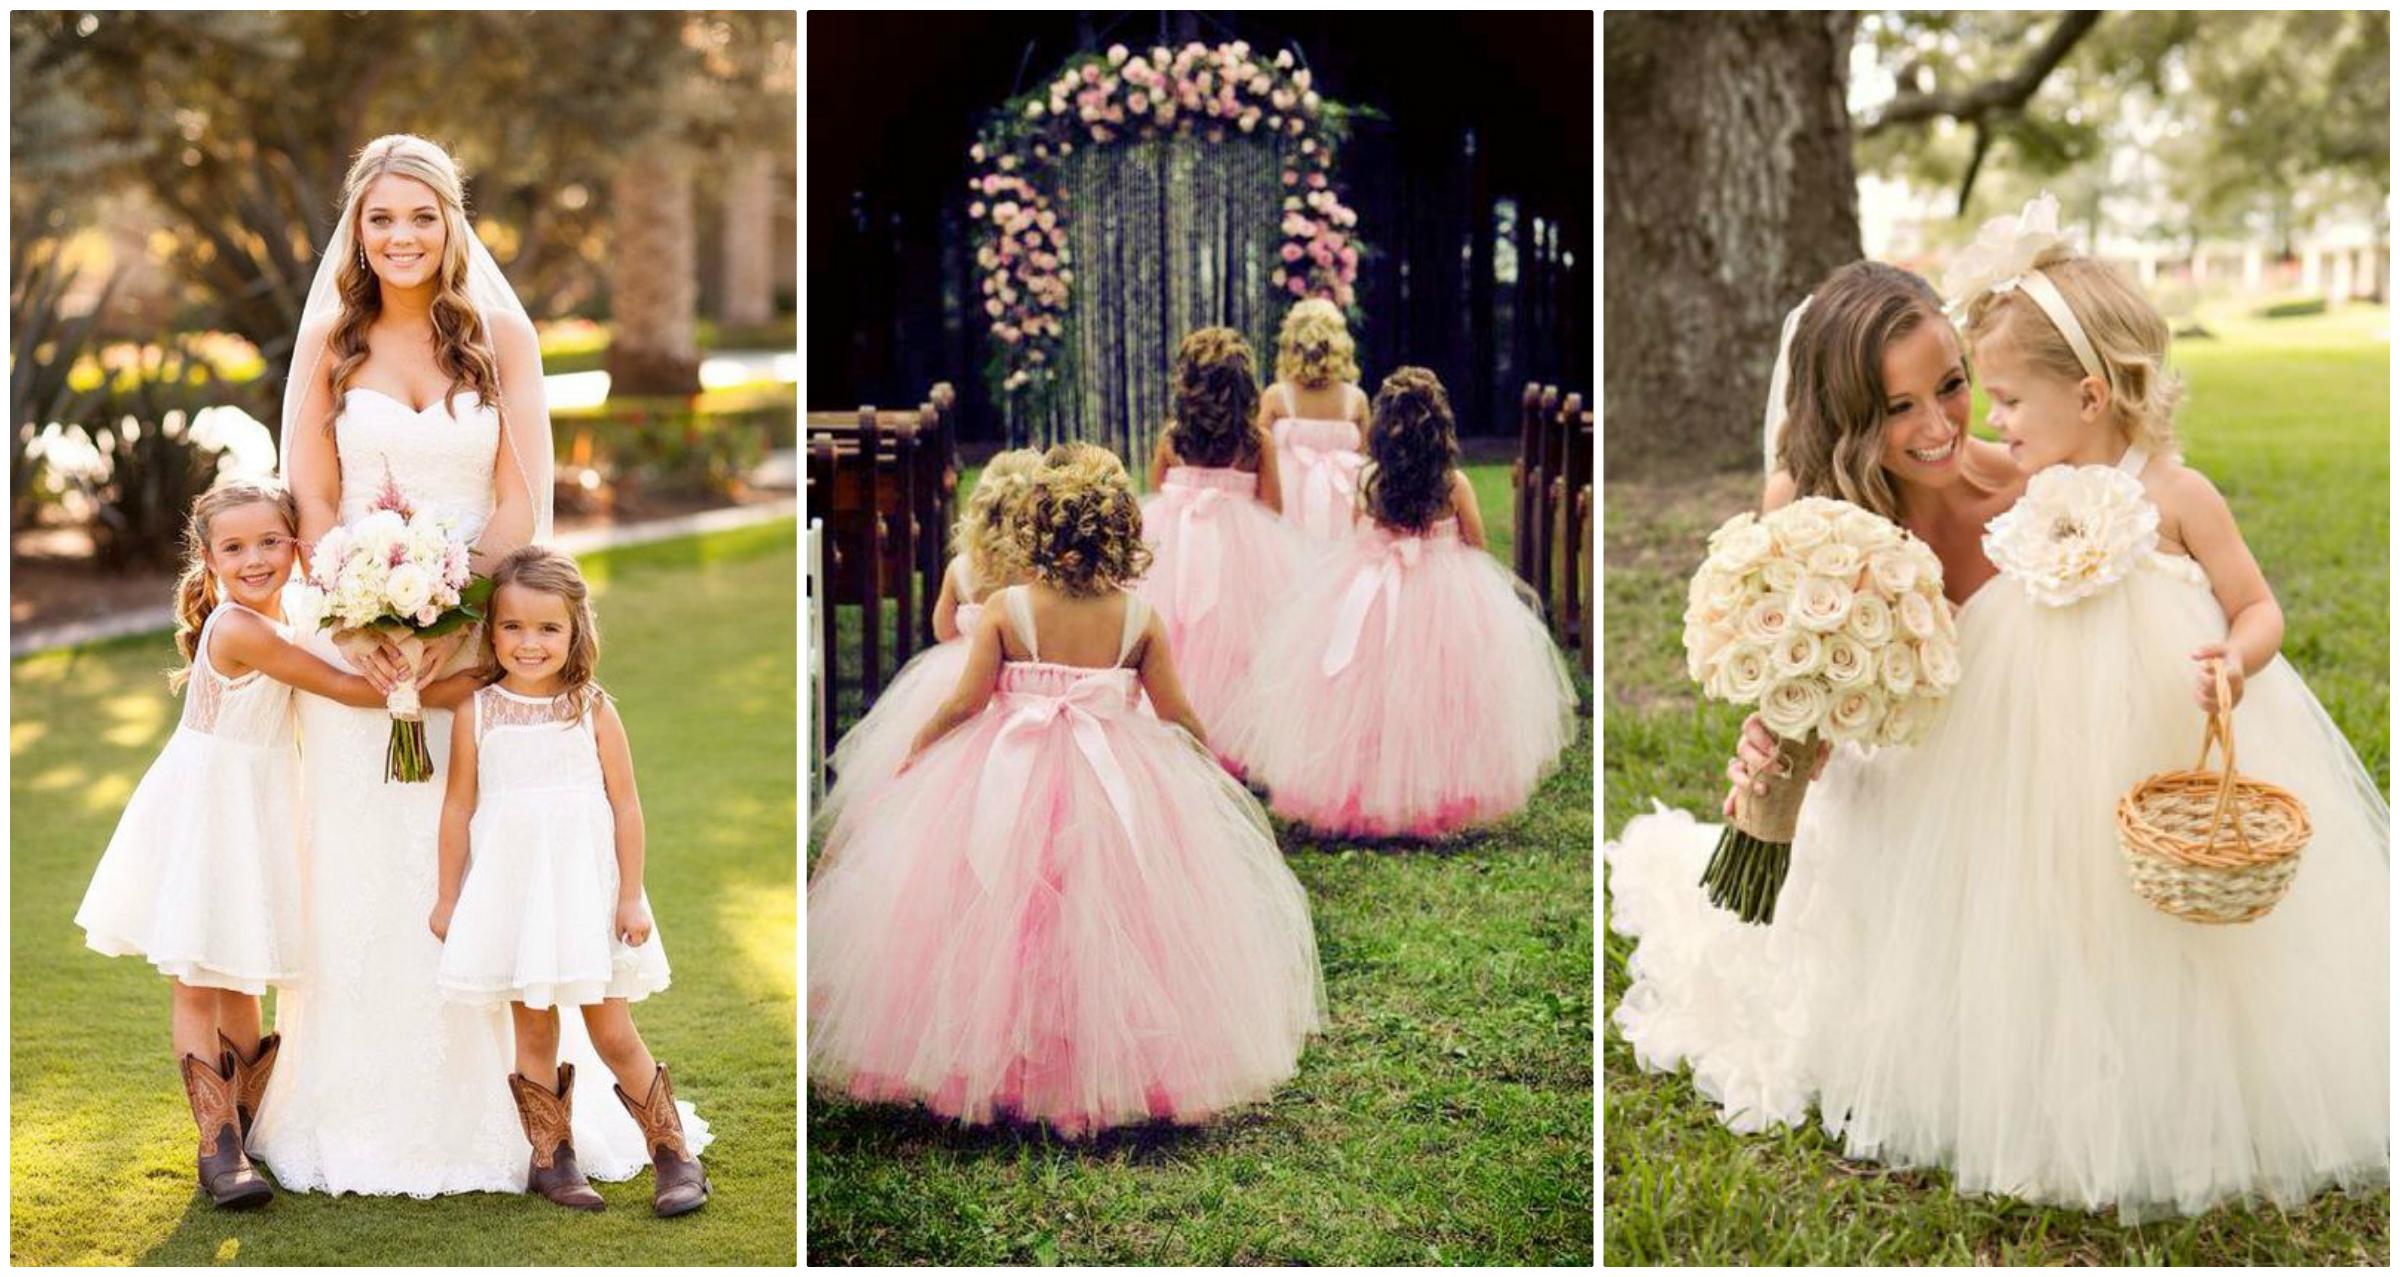 ae9a064e8a Sukienka dla dziewczynki na wesele - najpiękniejsze wzory i gdzie ...